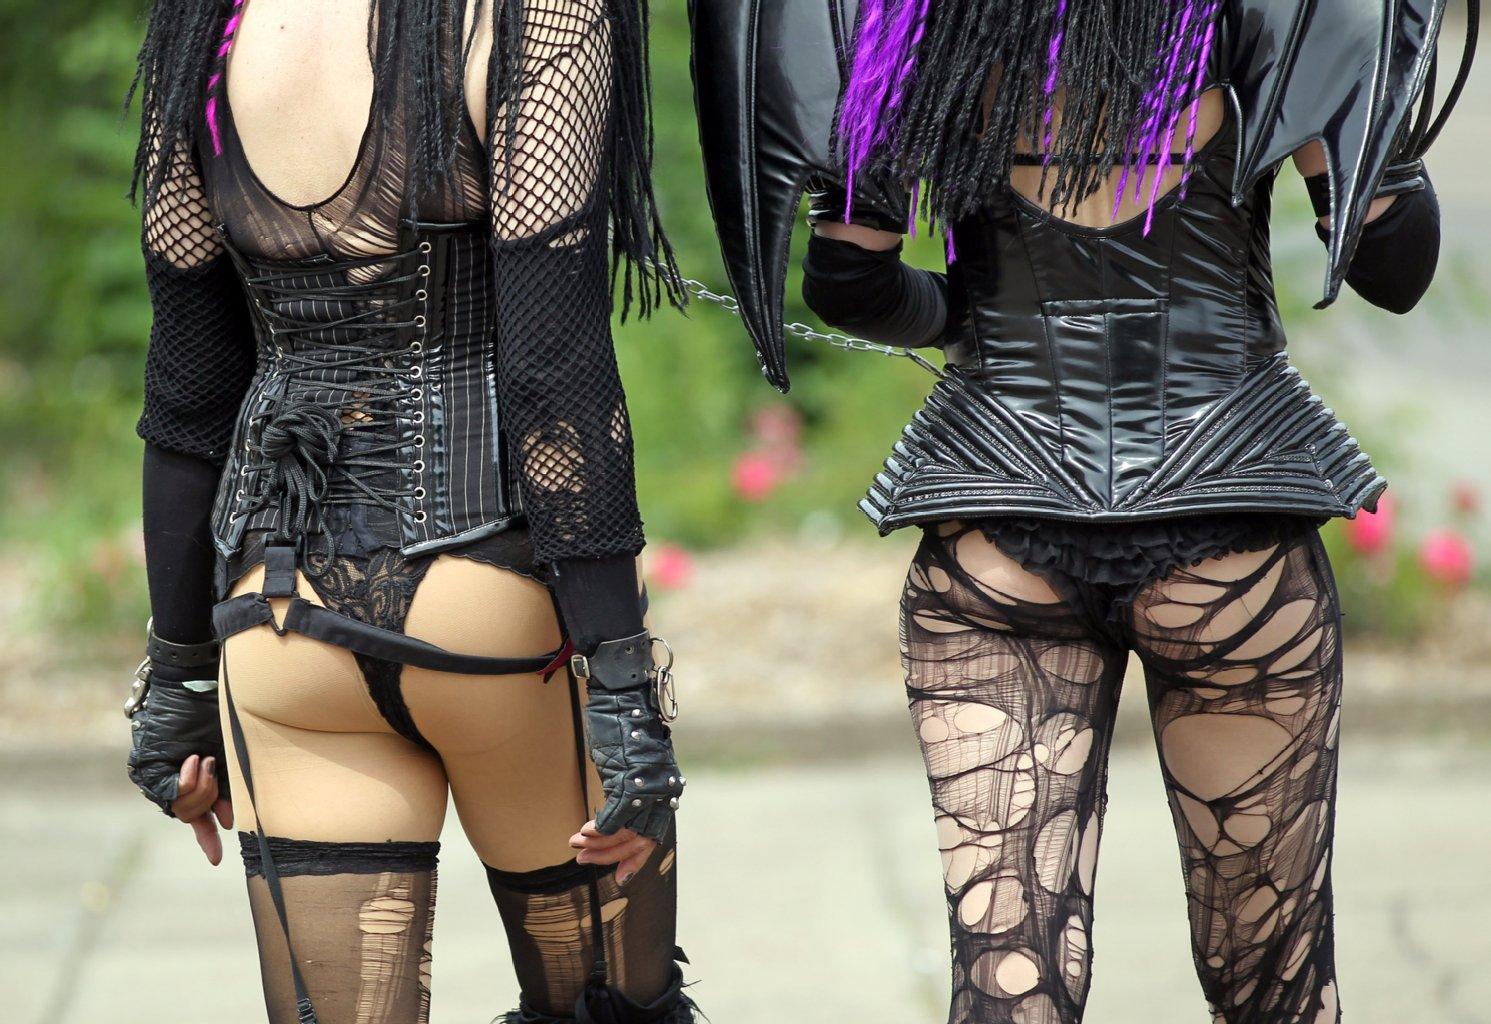 Wave Gotik Treffen - Sexy Goth Behind